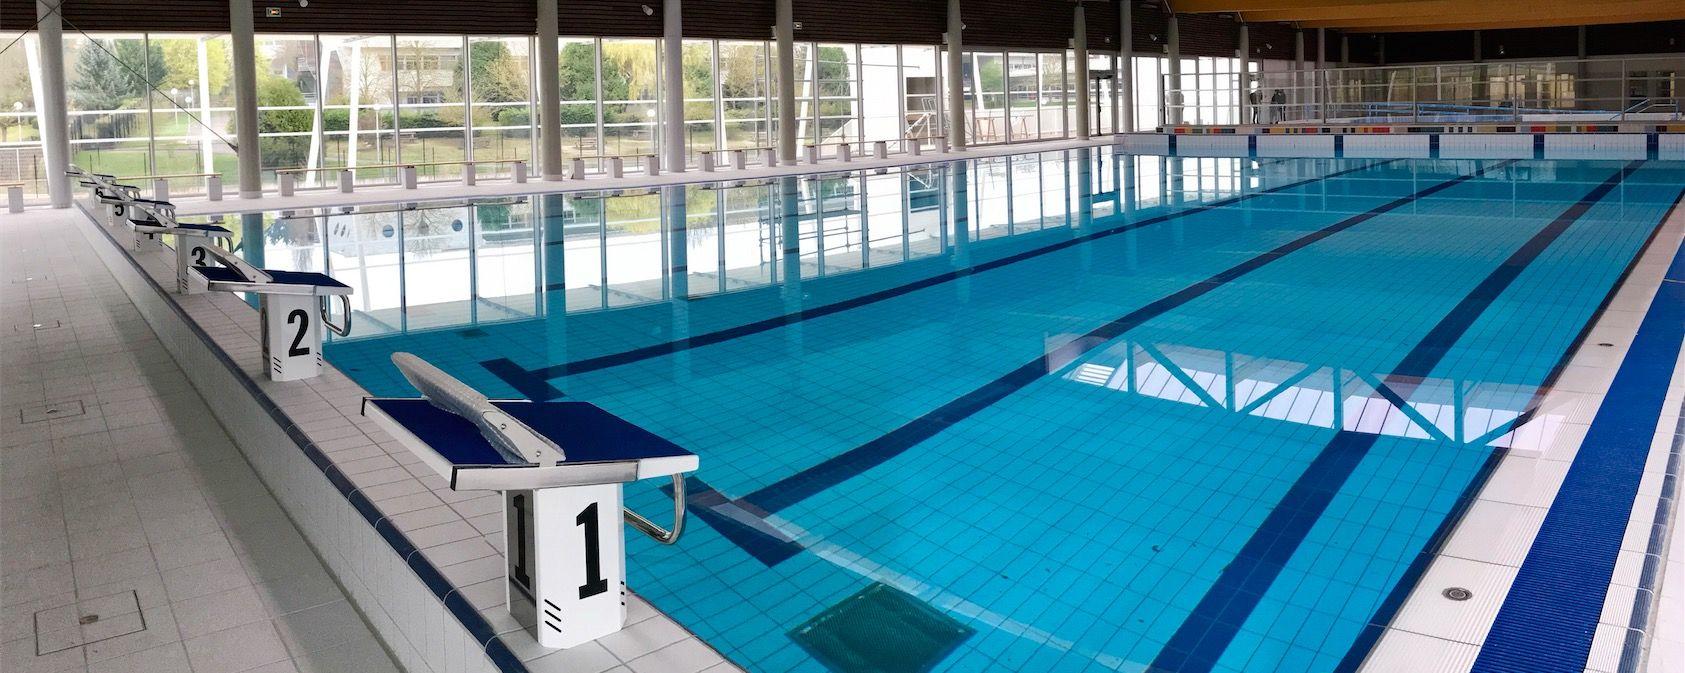 Le Centre Aquatique De Beaumont-Sur-Oise Est Situé À ... encequiconcerne Piscine De Gueret